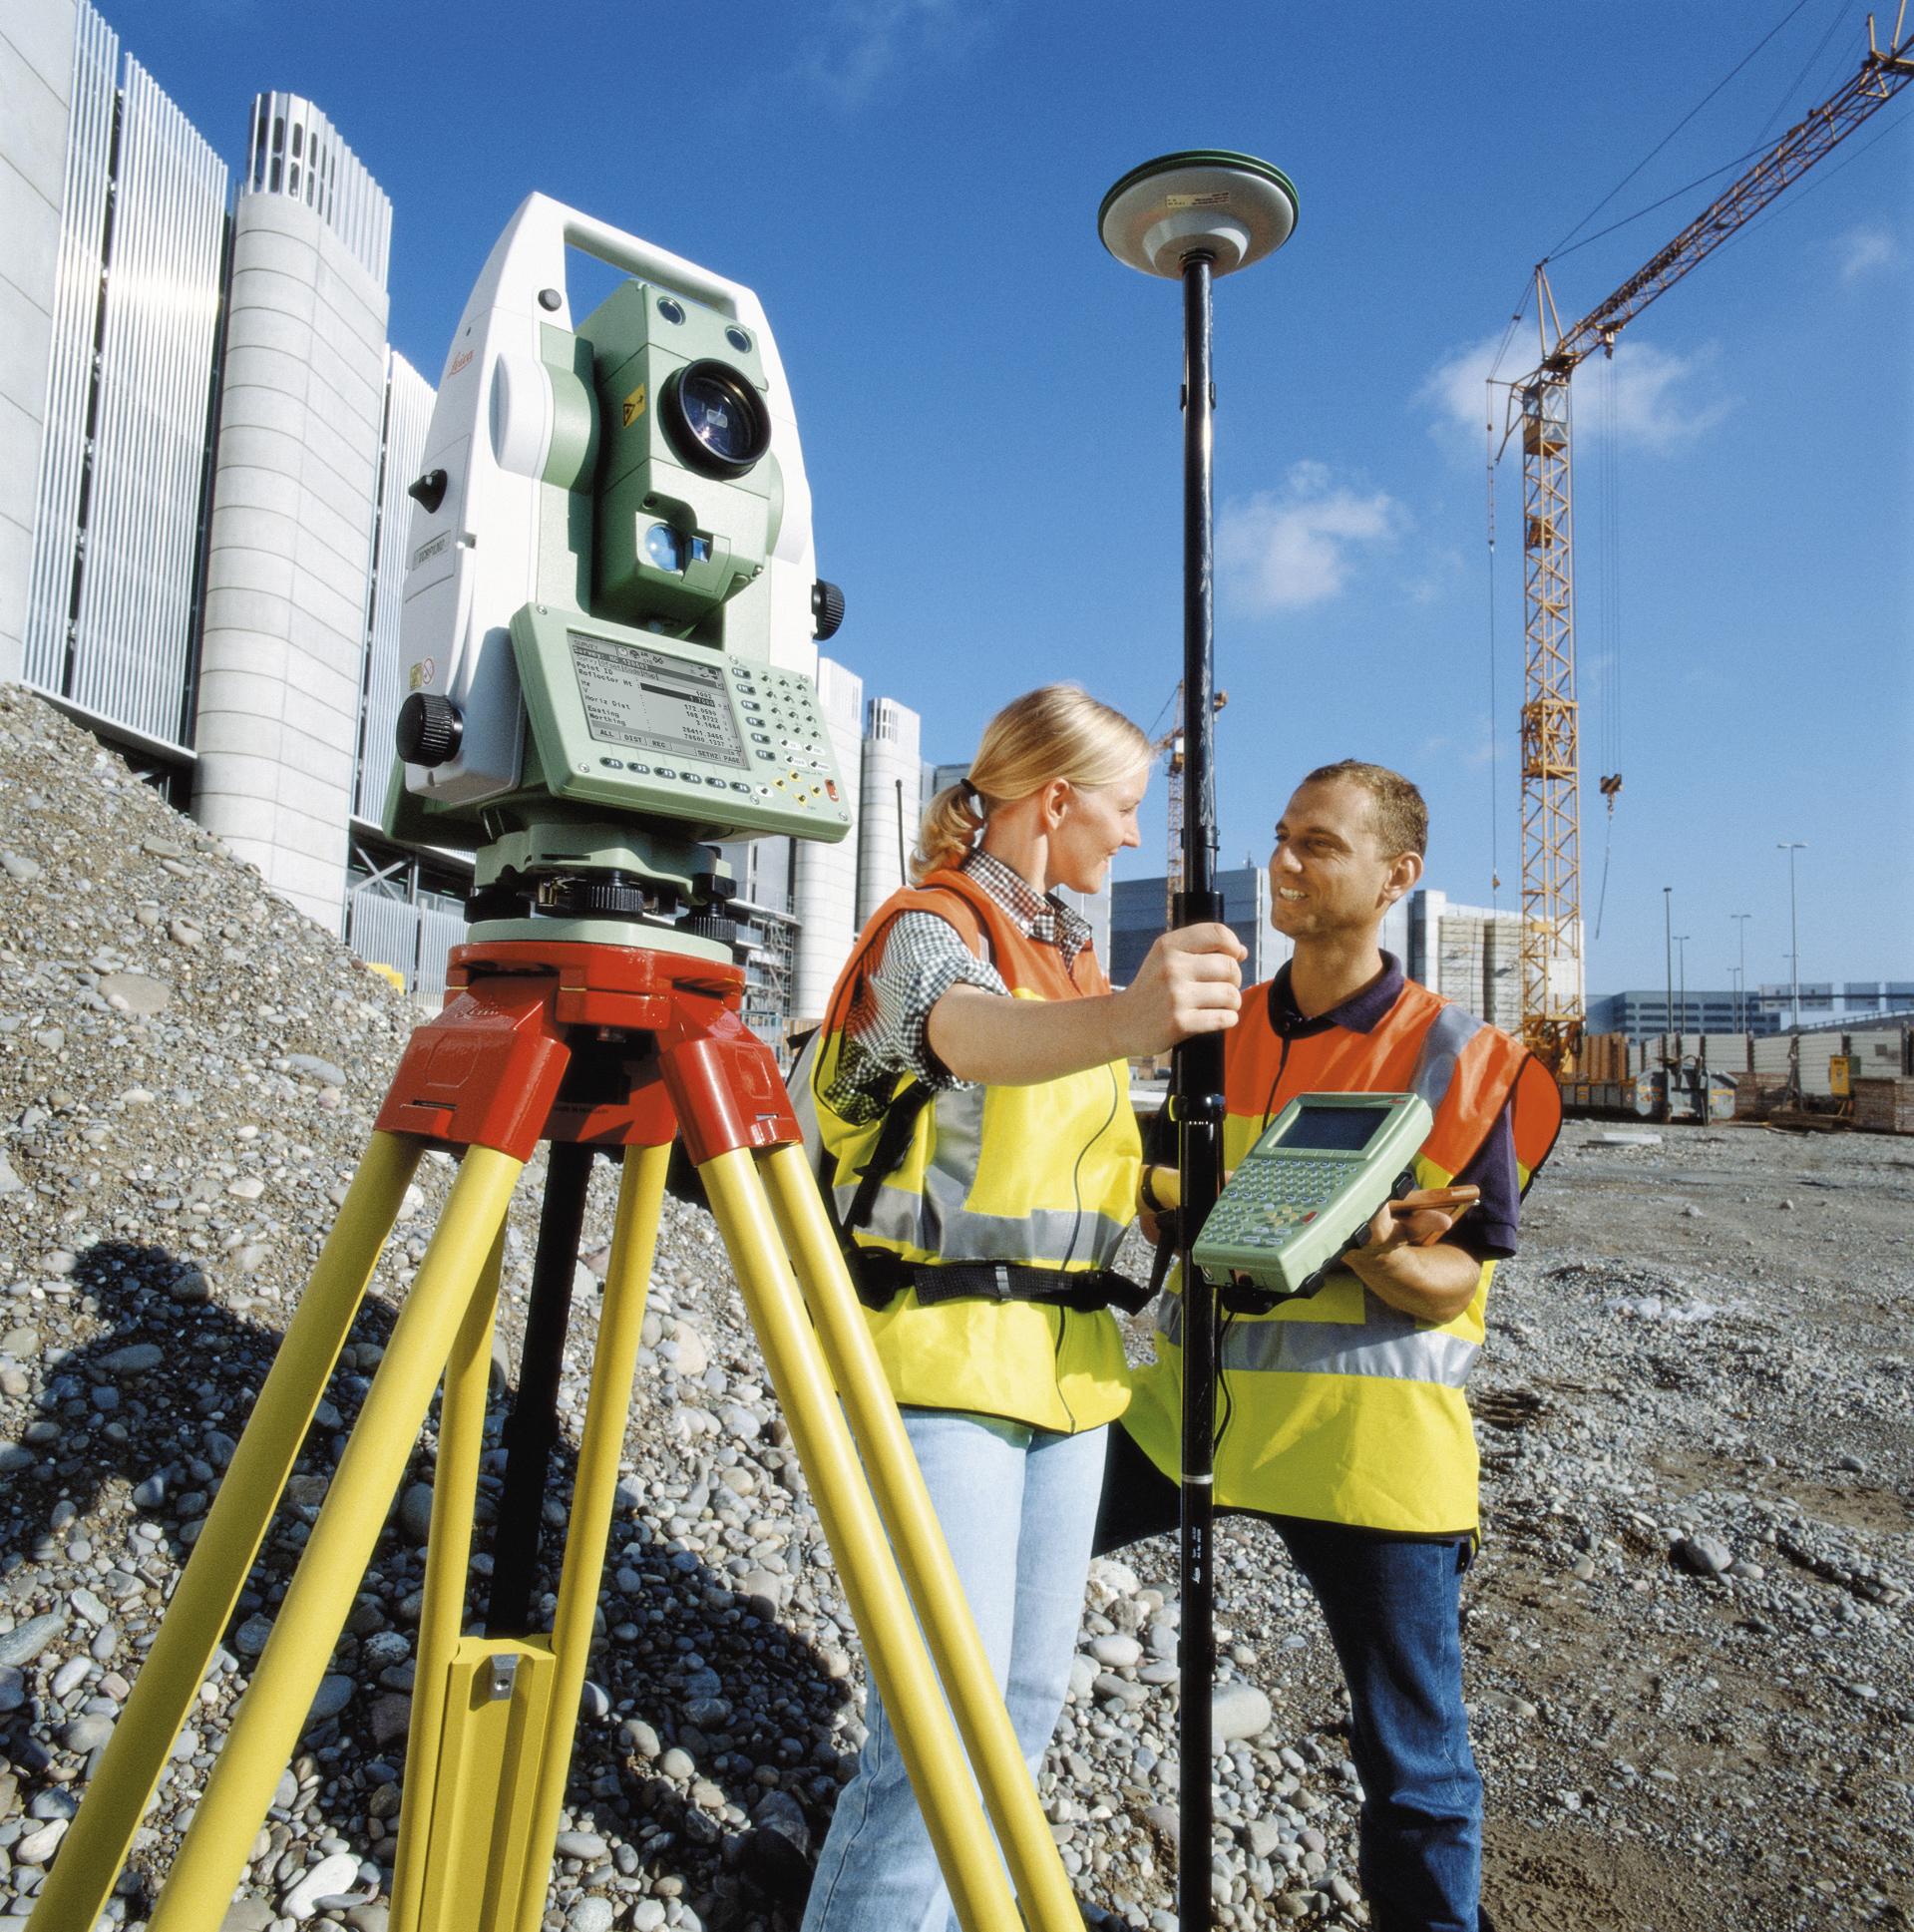 Настоящее геодезическое оборудование для профессиональных работ